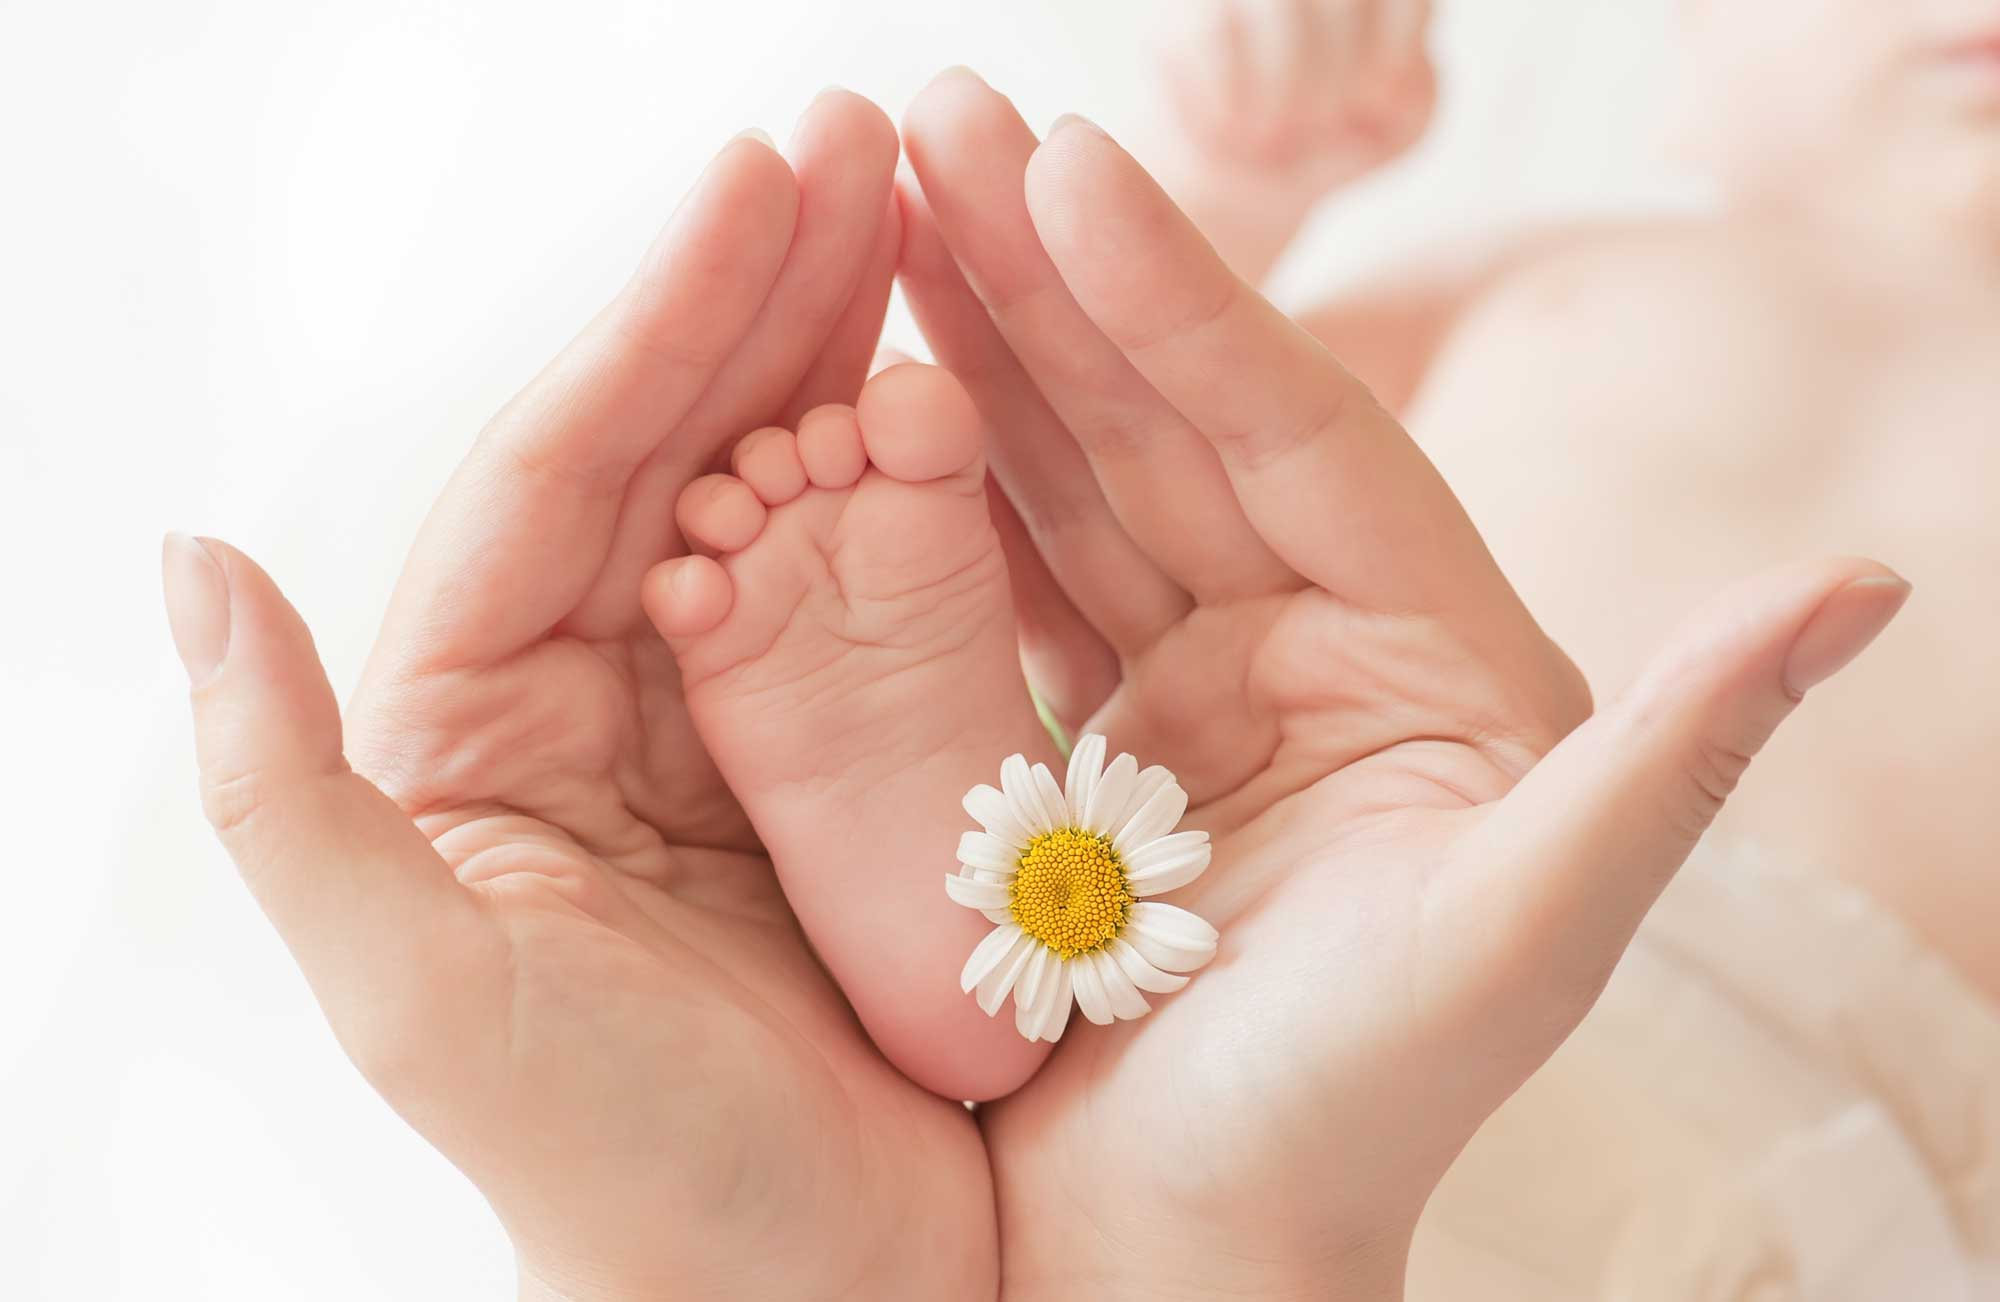 پرهیز از روش های غلط مراقبت از نوزادان (بخش دوم)